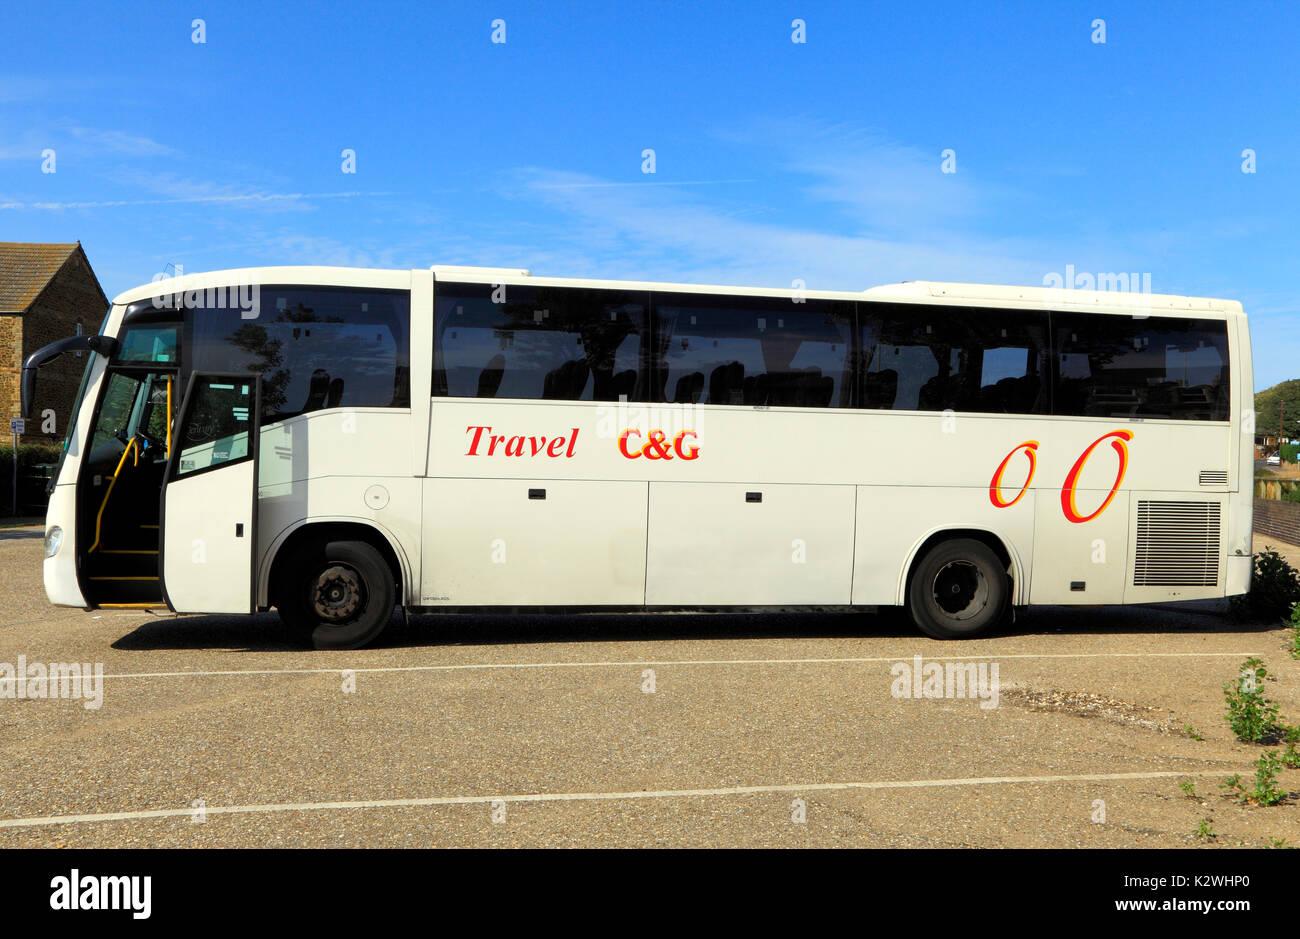 C&G, C&G Travel, Coach, Trainer, Tagesausflüge, Reise, Ausflug, Ausflüge, Urlaub, Ferien, Firma, Unternehmen, England, Großbritannien Stockbild